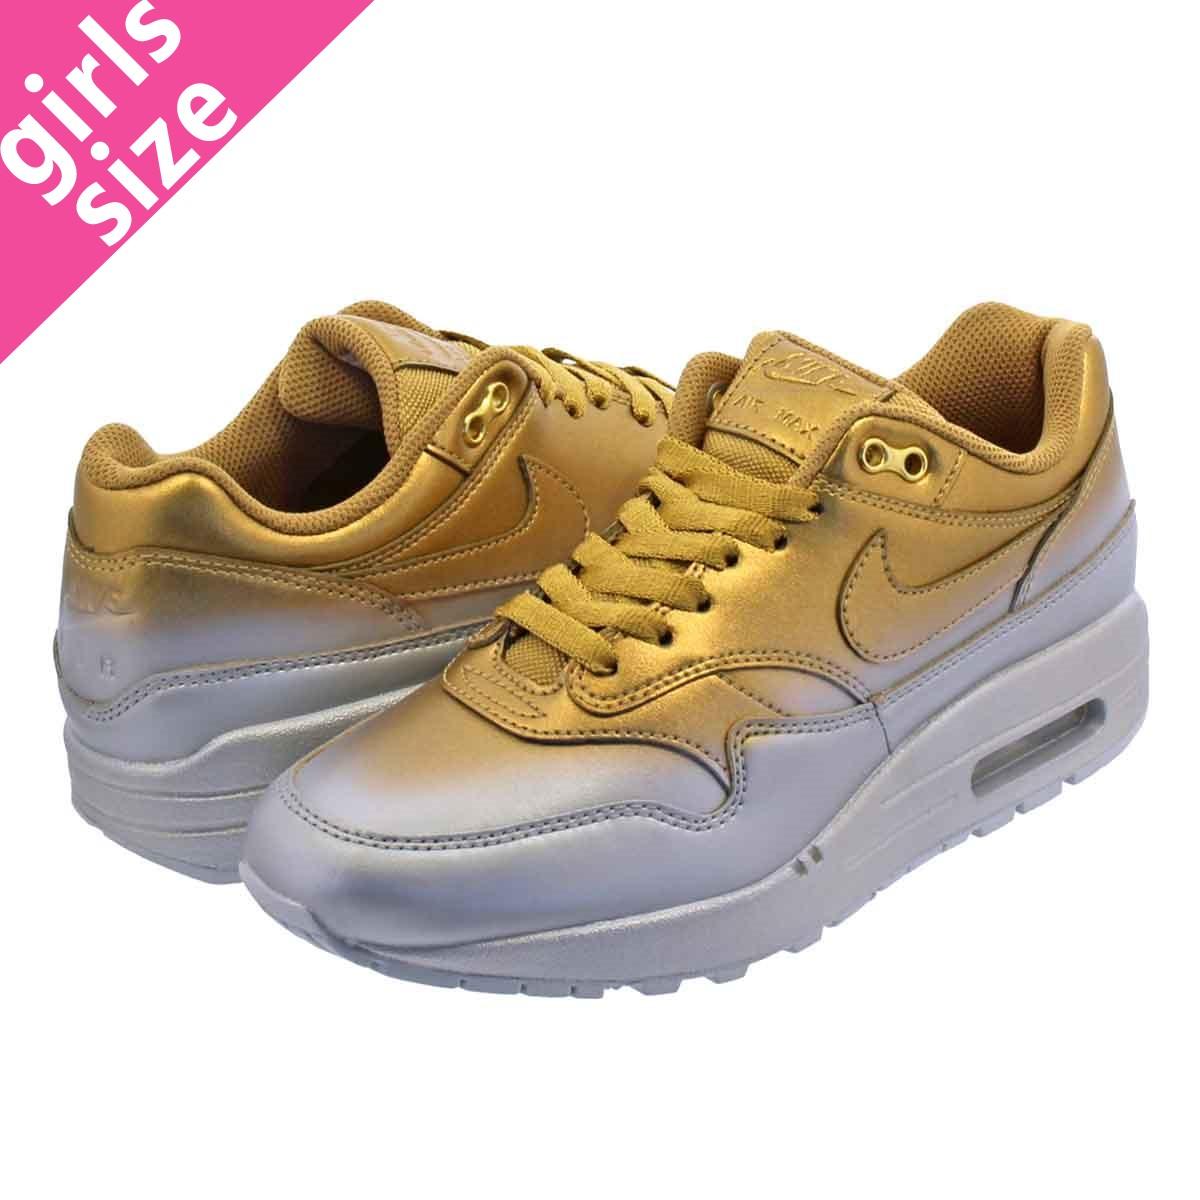 air max 1 gold beige